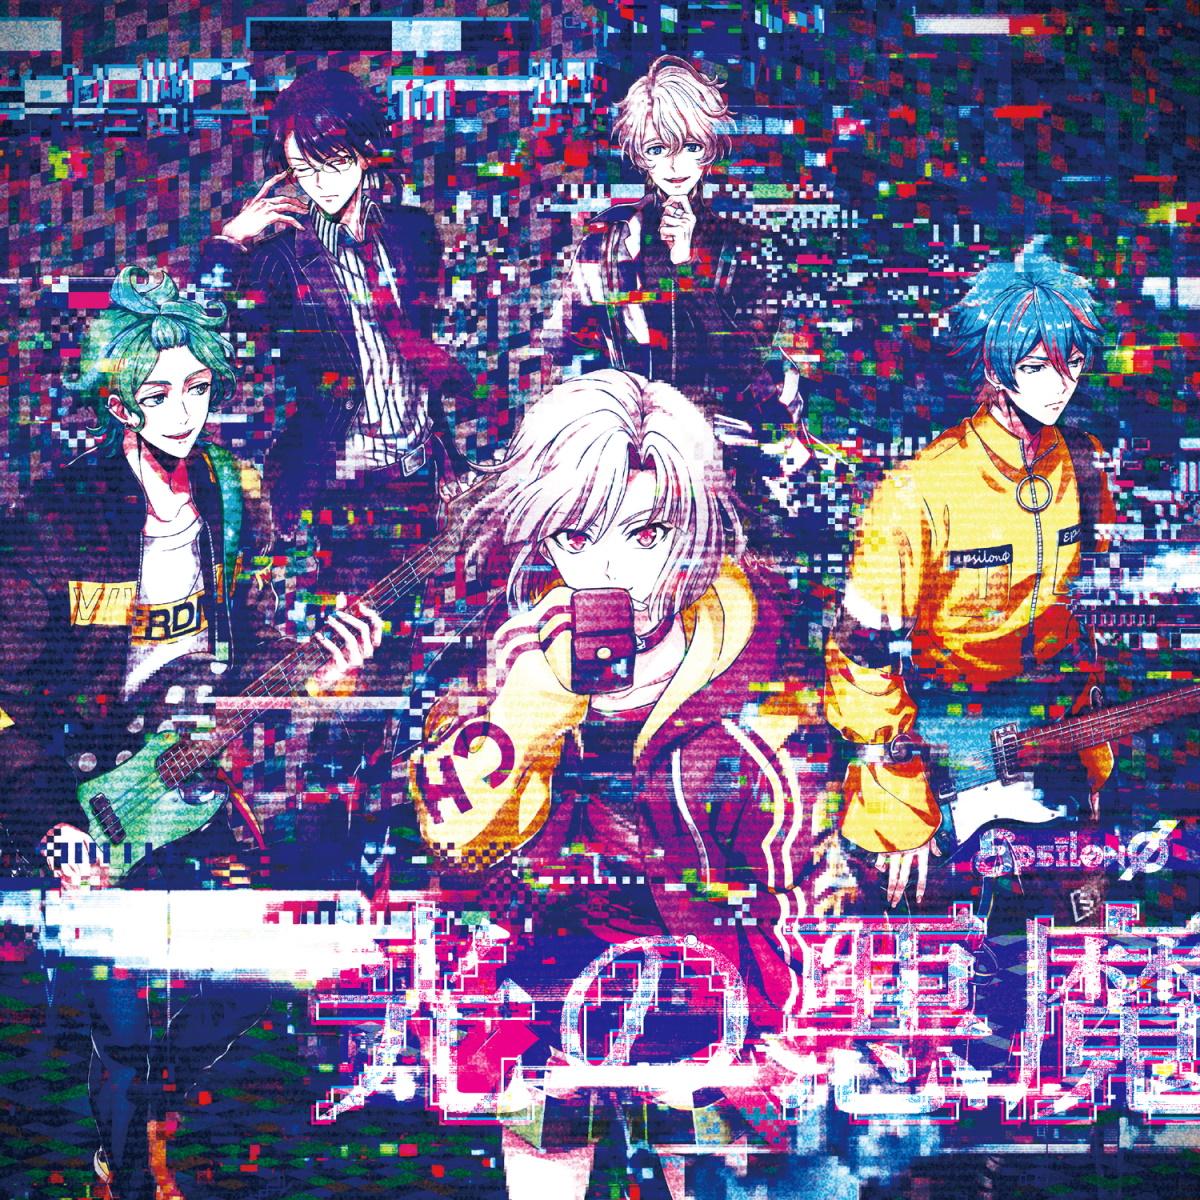 『εpsilonΦ - ロキ 歌詞』収録の『銀の百合 / バンザイRIZING!!! / 光の悪魔』ジャケット